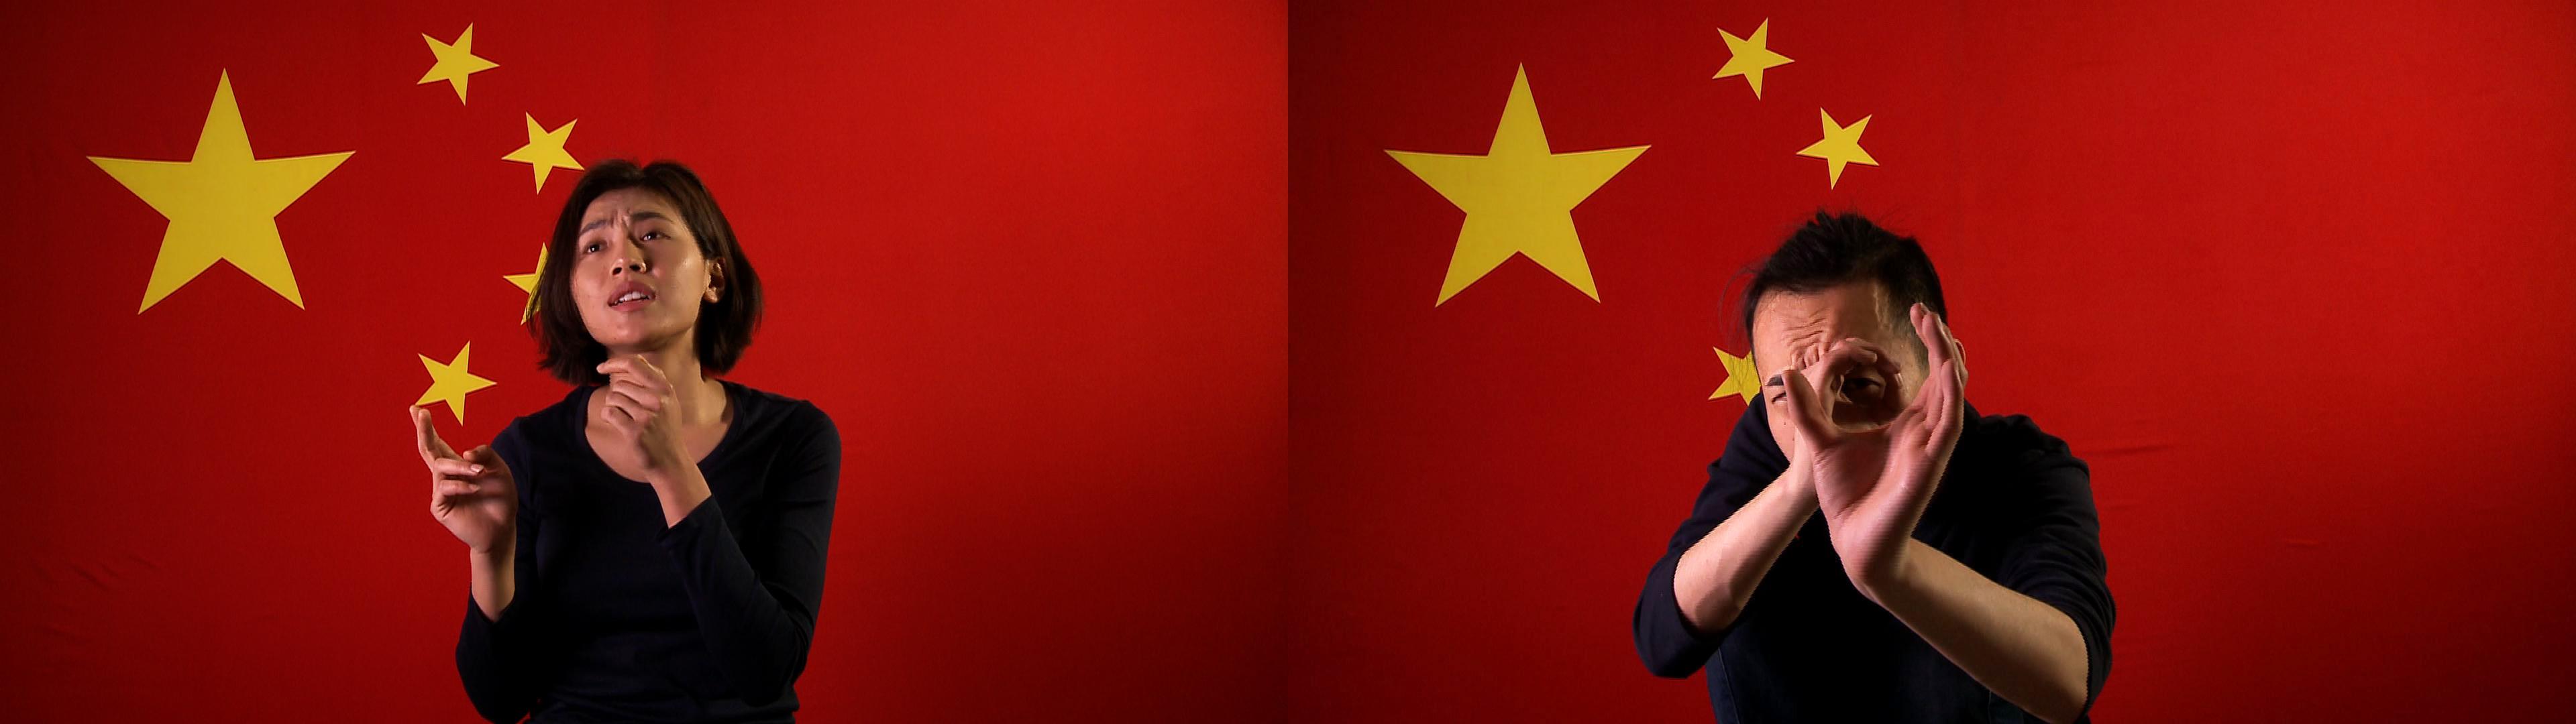 China mix 1